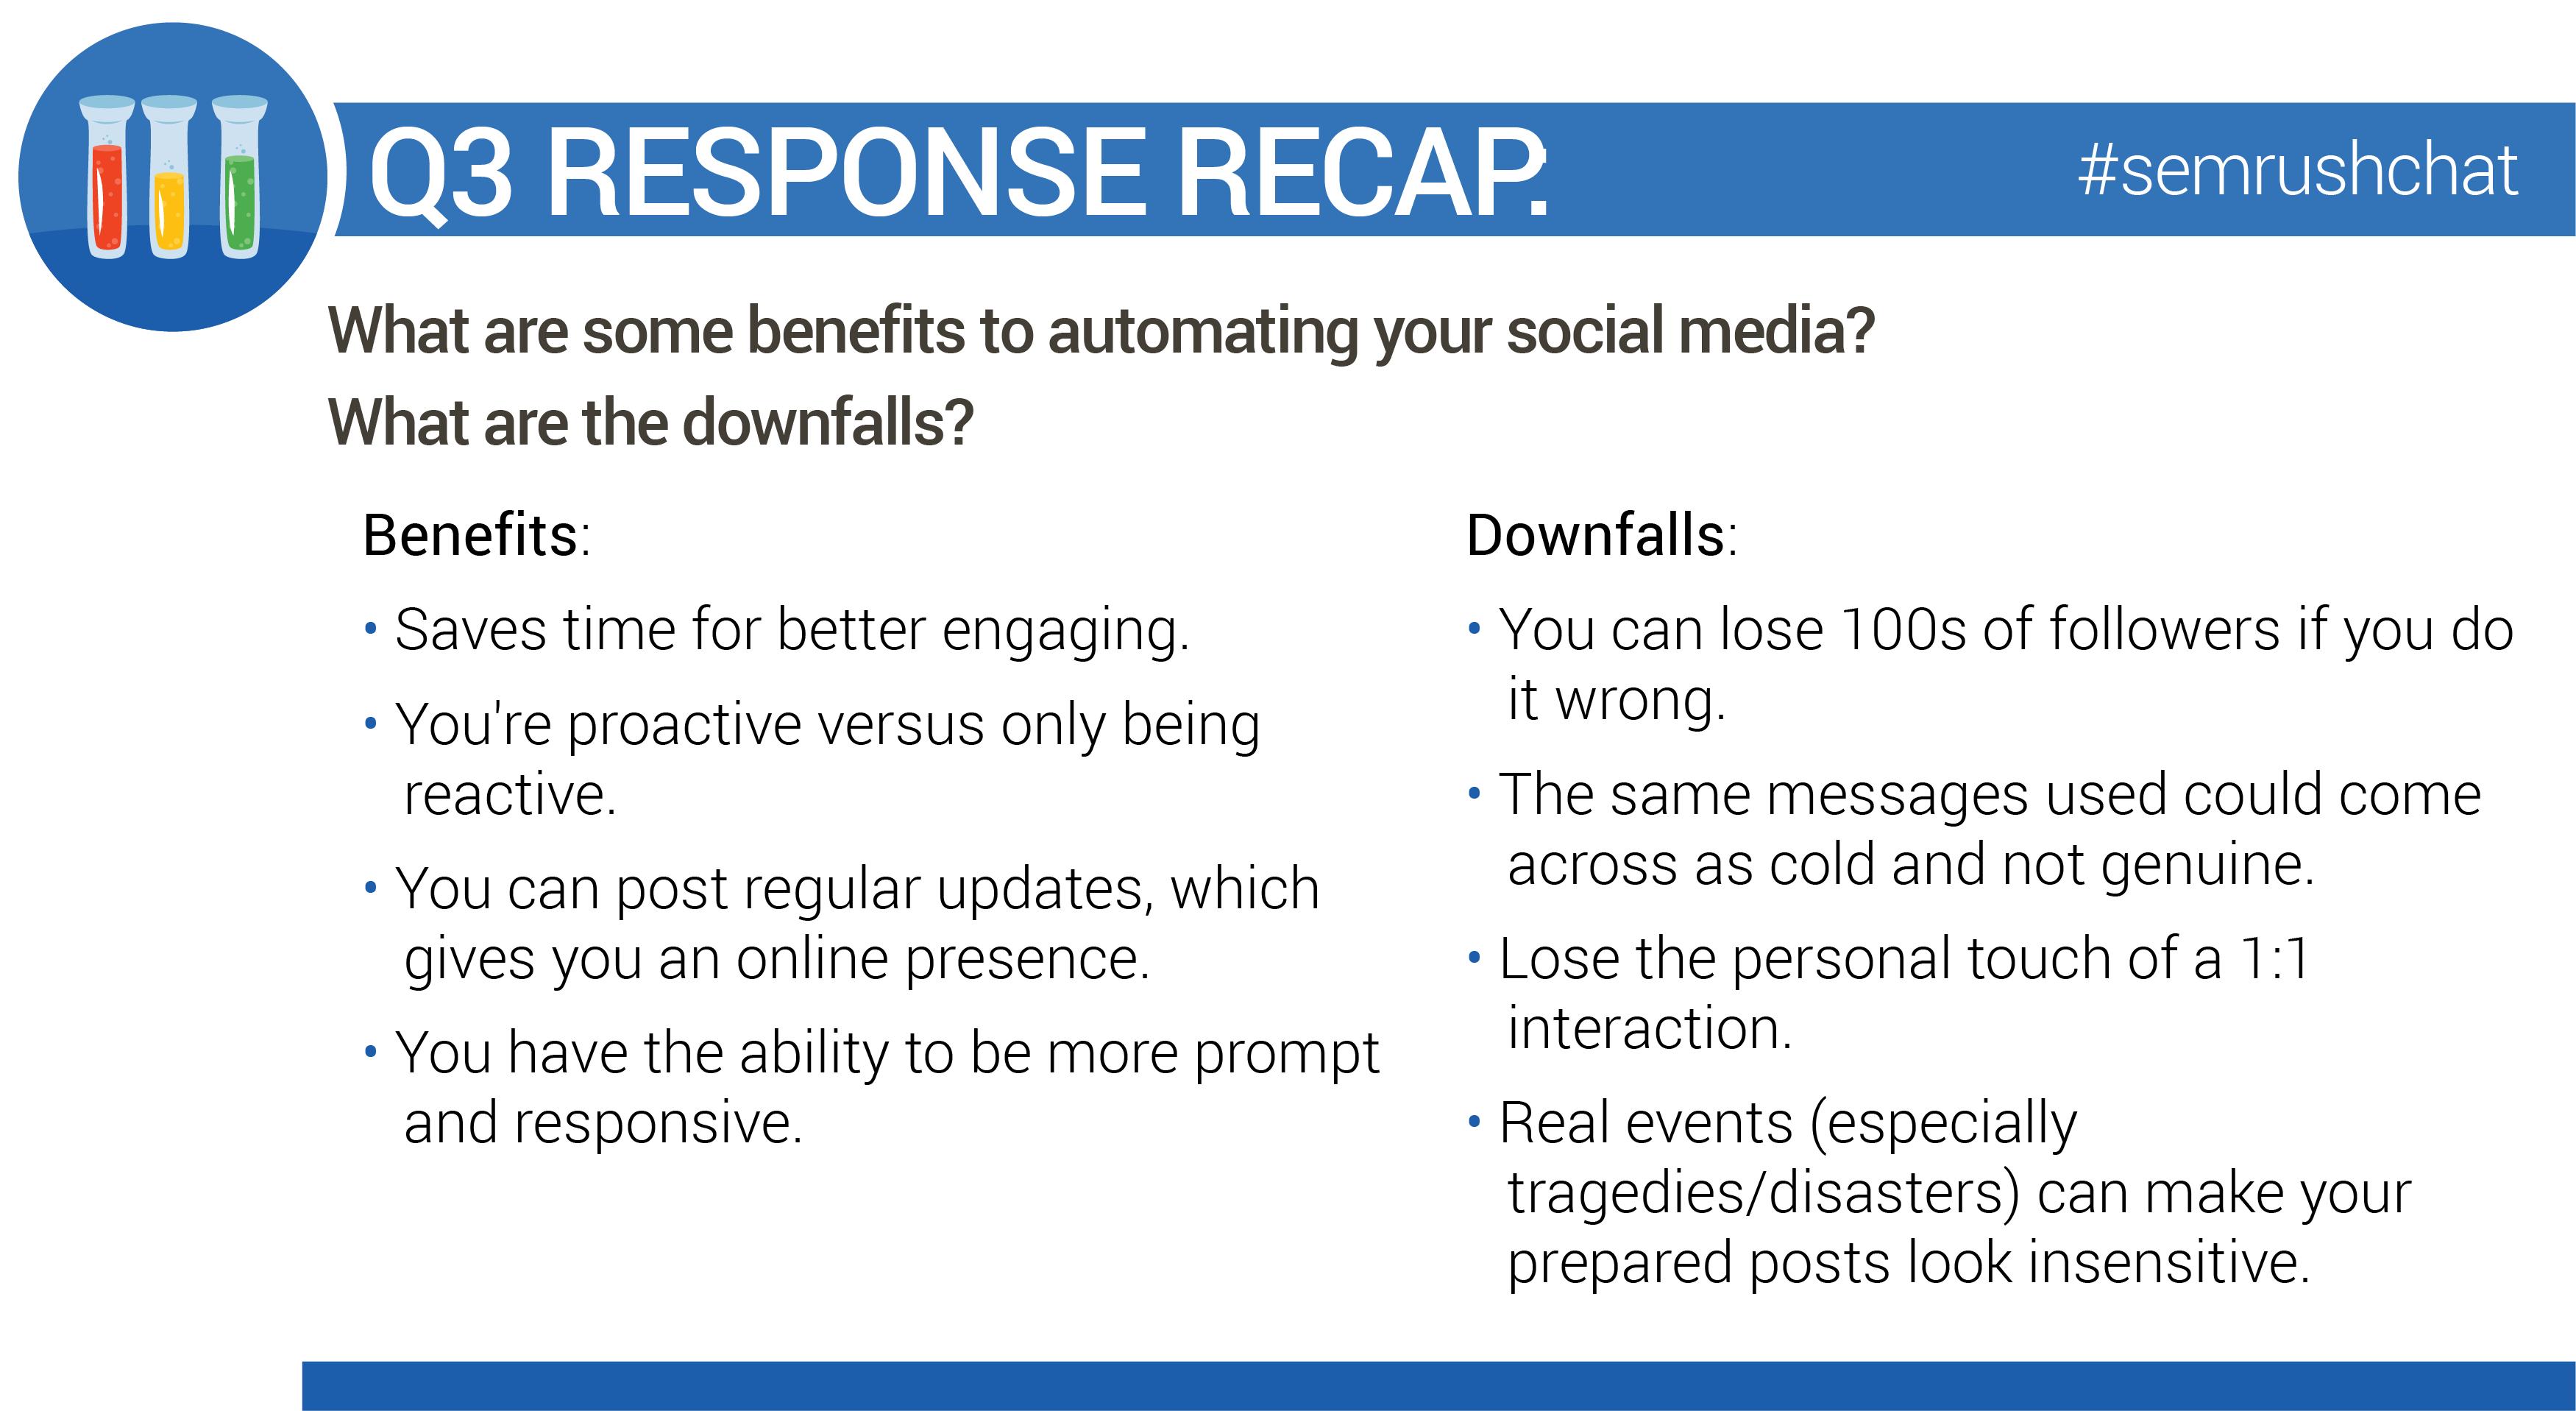 chat-recap-q3-response.png